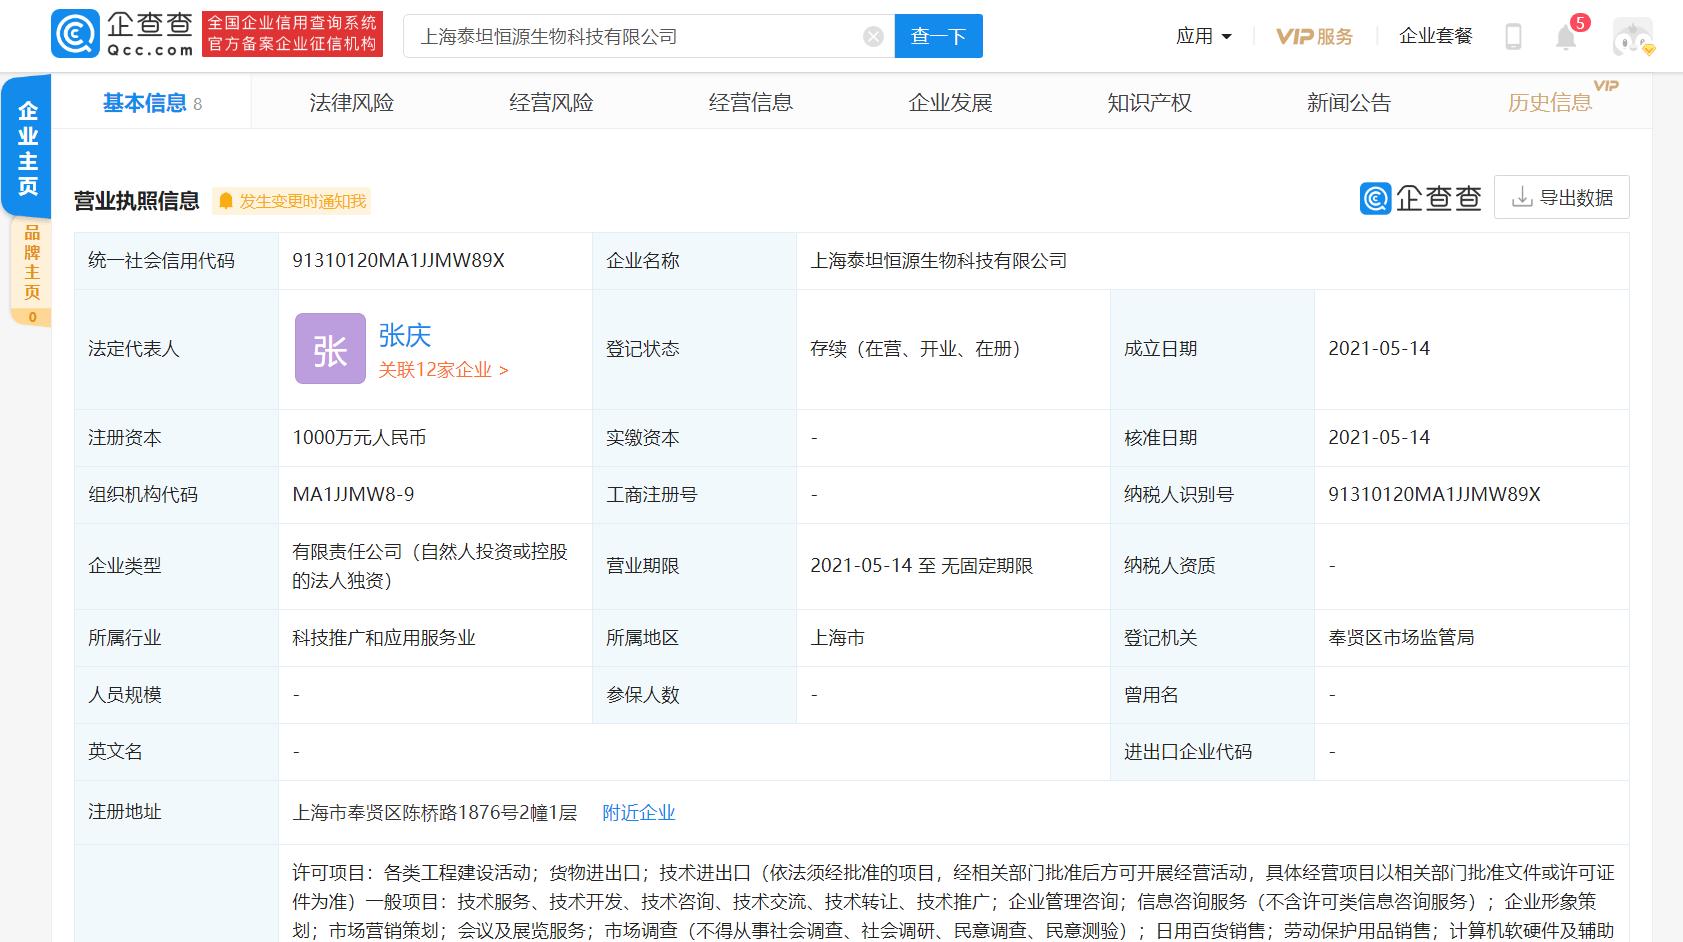 [泰坦科技成立生物科技公司,注册资本1000万元]